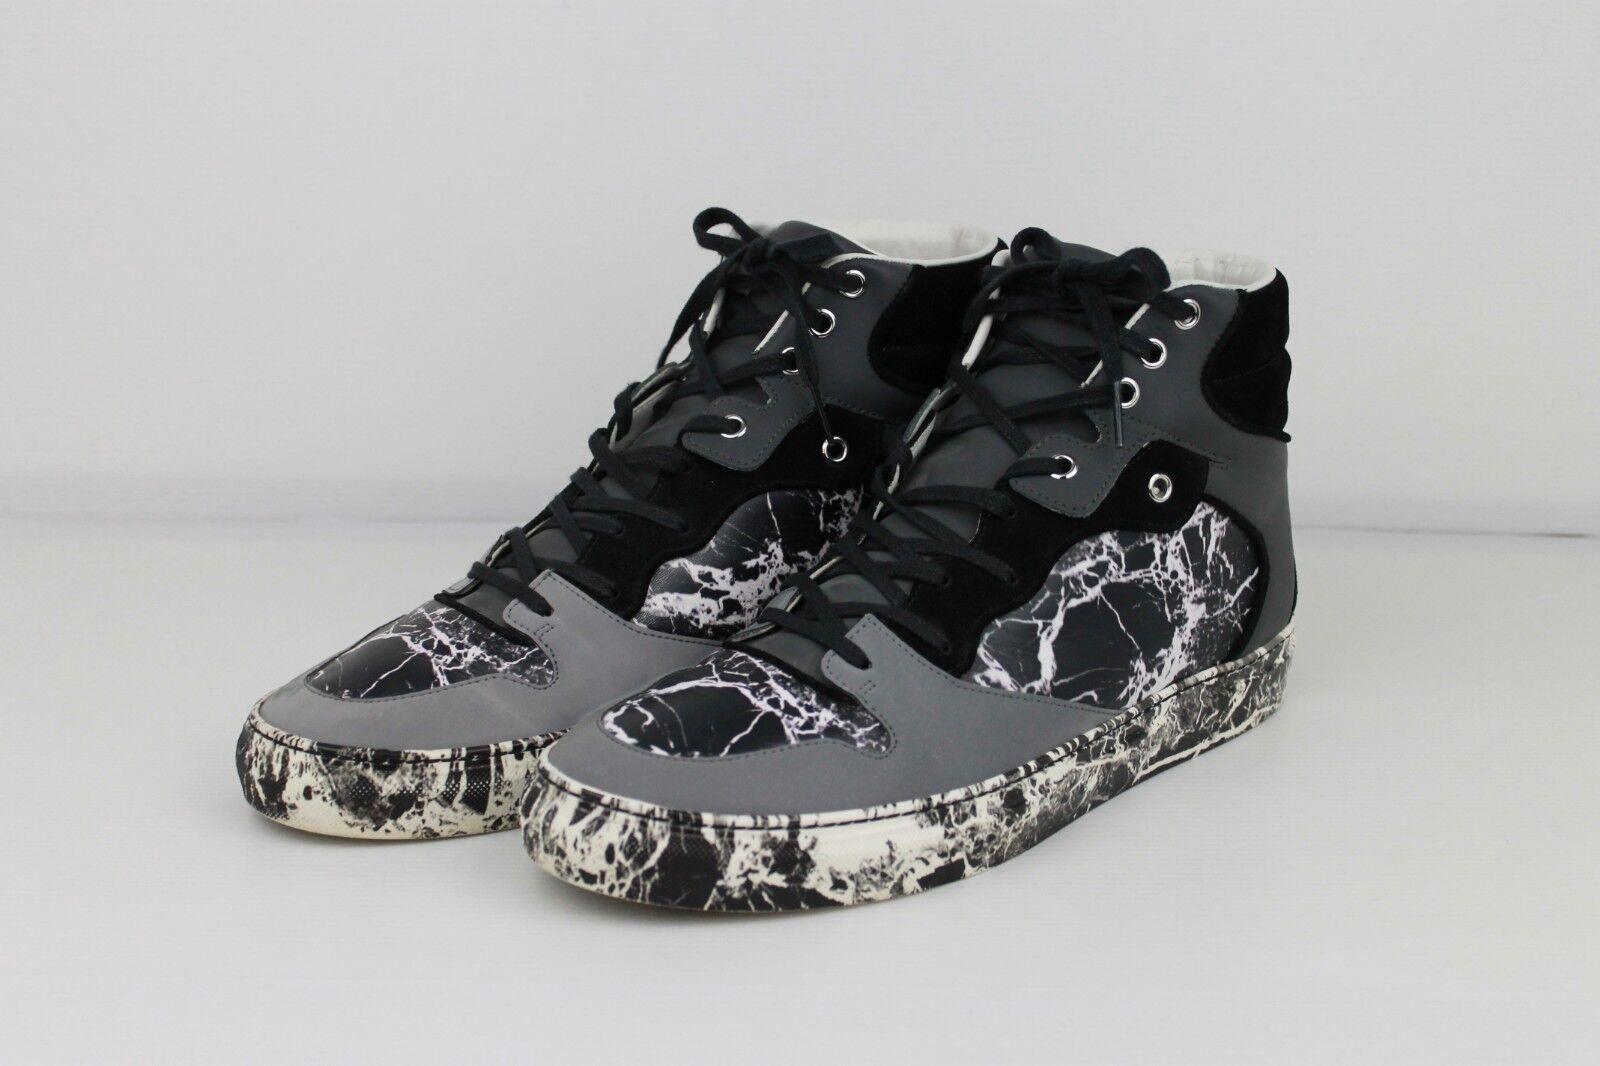 Balenciaga nero bianco HIGH TOP scarpe da ginnastica stampa di marmo, dimensioni  UK8 EU42.